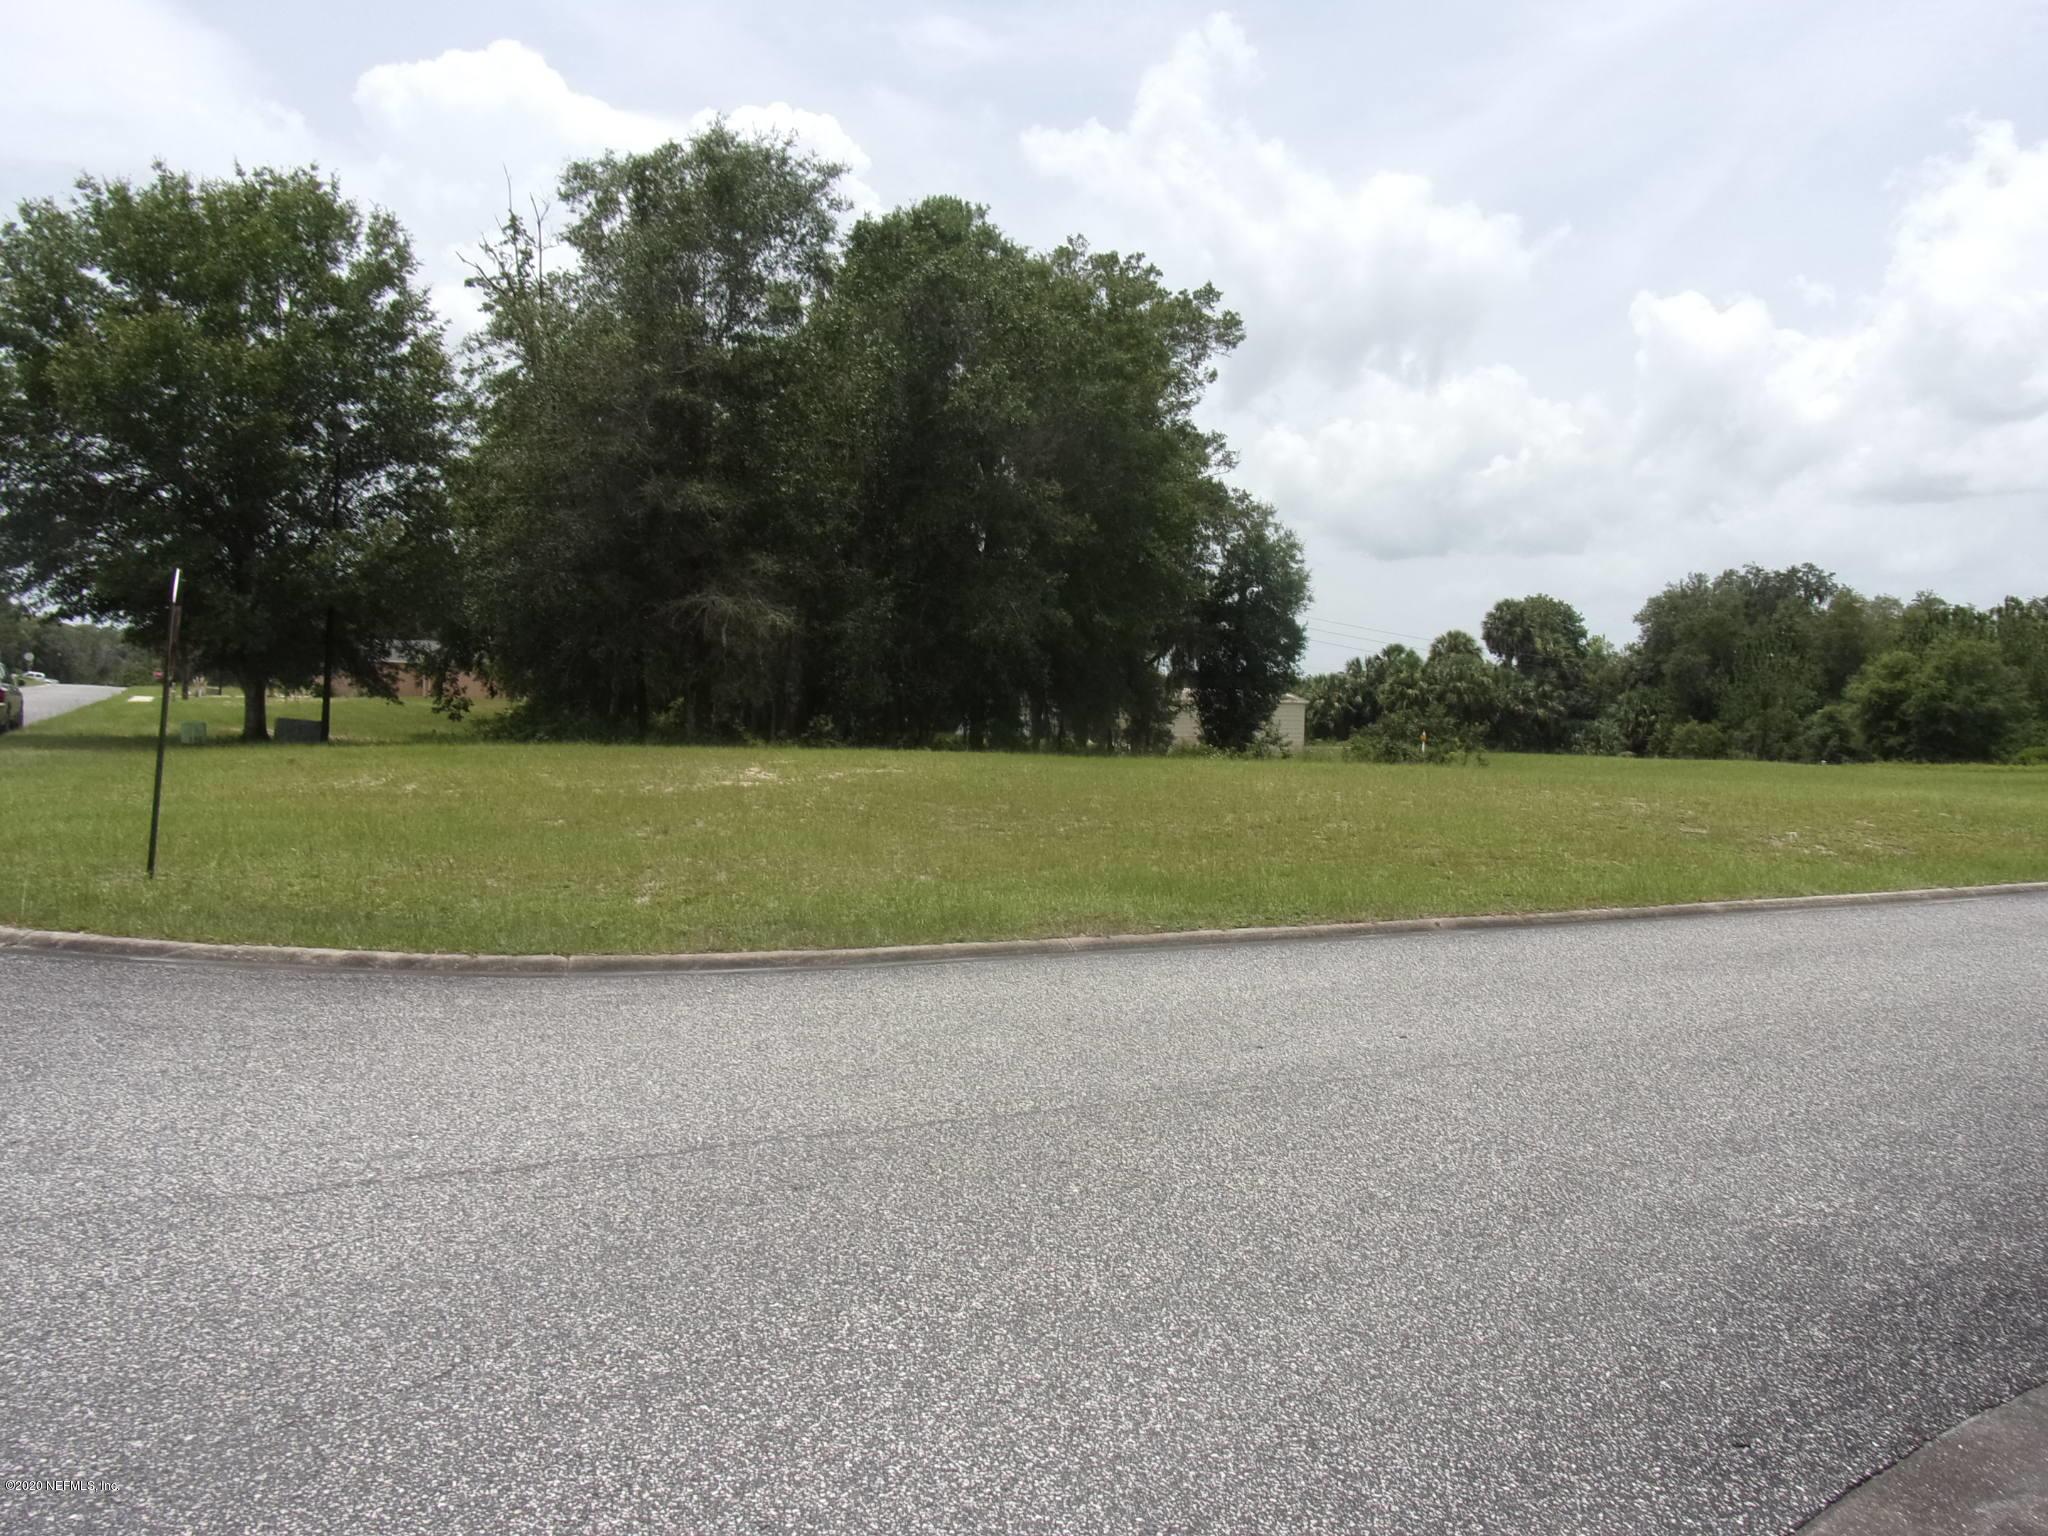 000 VILLAGE, WELAKA, FLORIDA 32193, ,Vacant land,For sale,VILLAGE,1041216